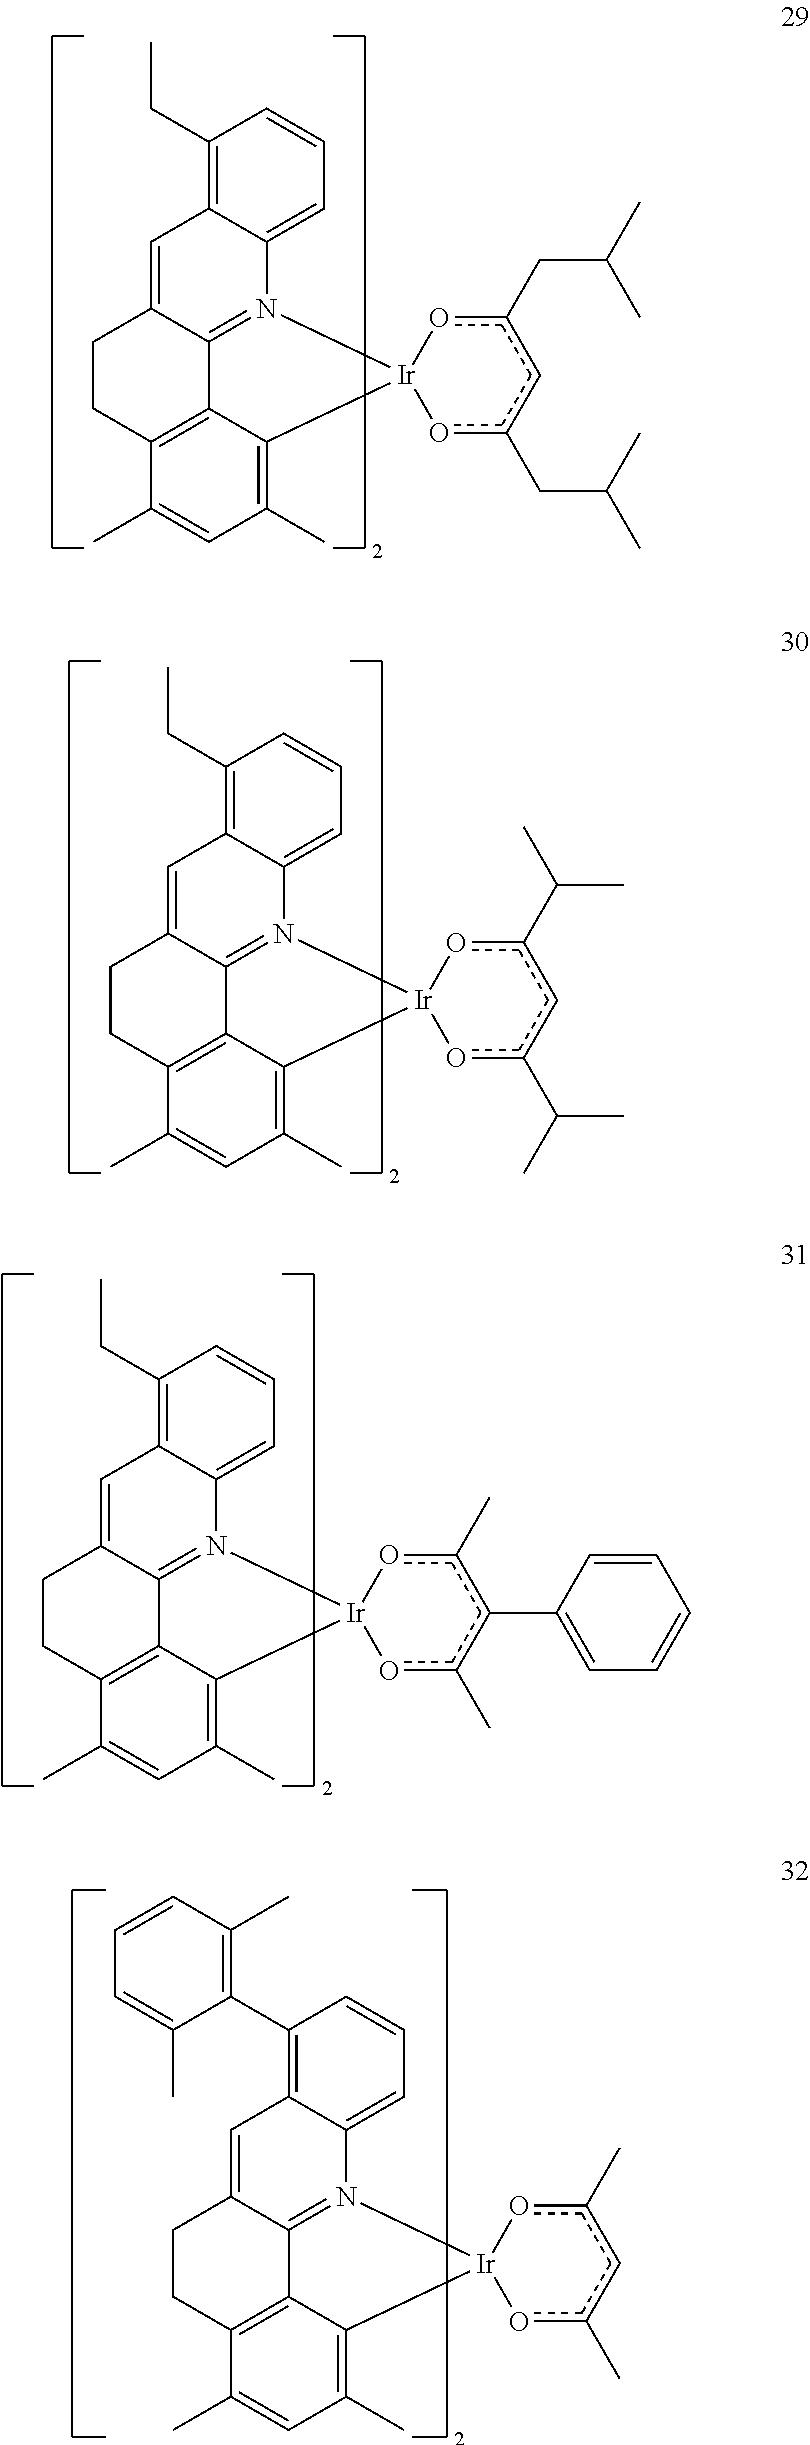 Figure US20130032785A1-20130207-C00222